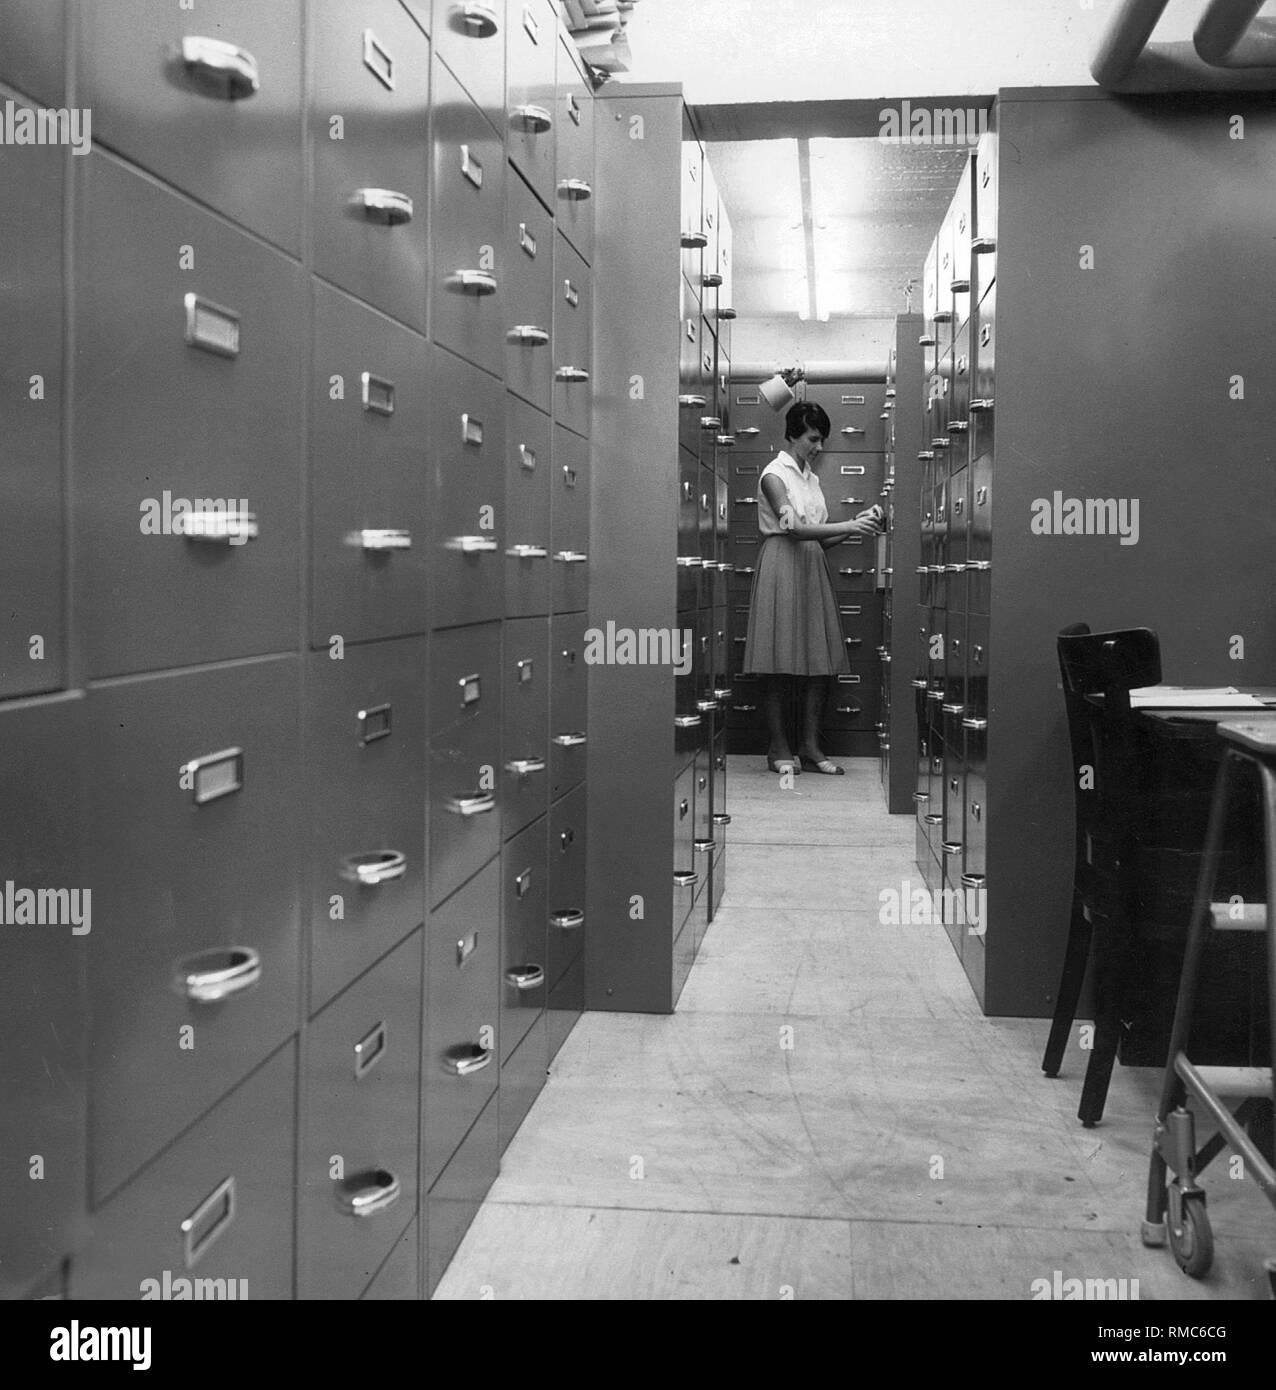 Ein Mitarbeiter des Bildarchivs der Sueddeutsche Verlag, Frau Ernst, während der Forschung (Undatiertes Foto). Stockbild